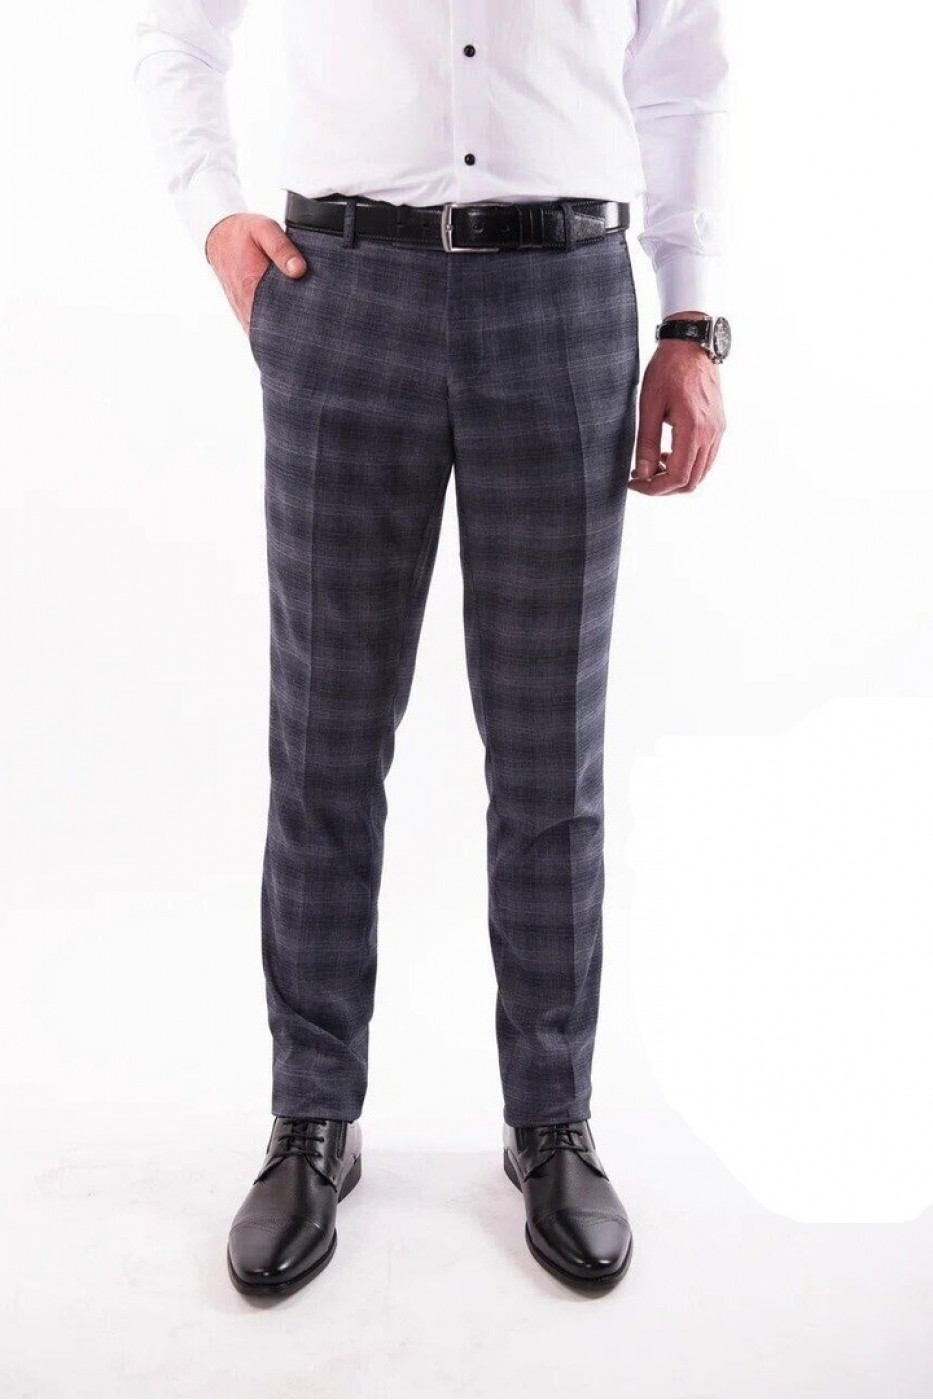 Тёмно-серые мужские брюки casual в серую клетку 4412 MEYLI